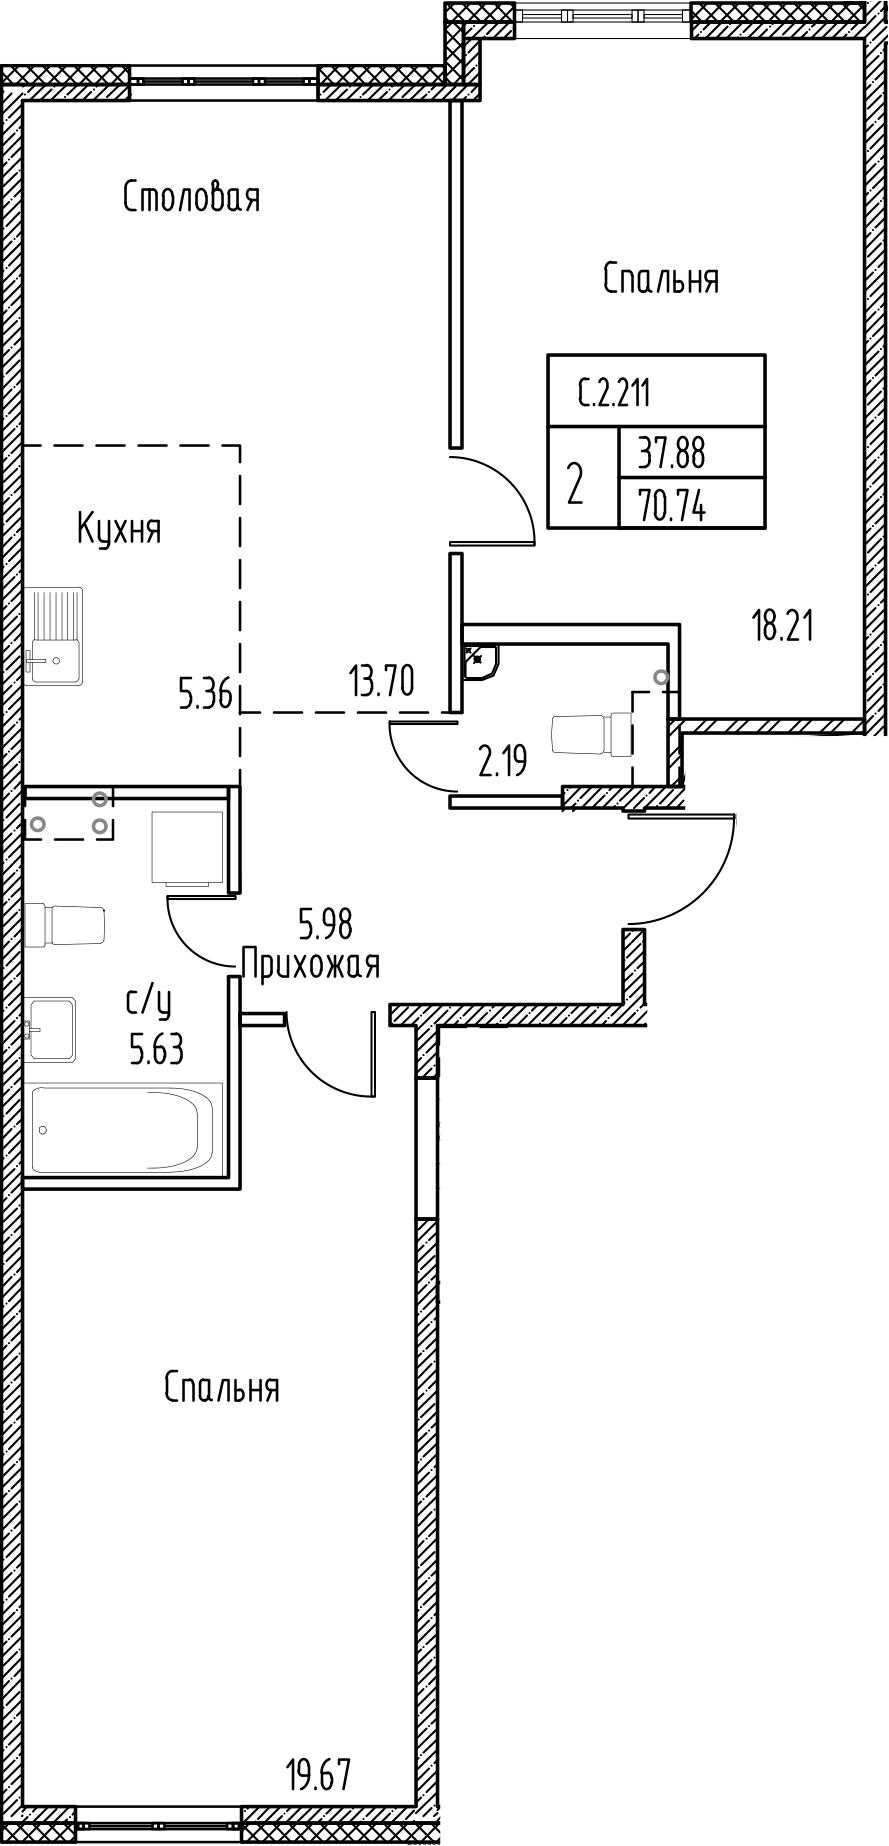 2-к.кв, 70.74 м²